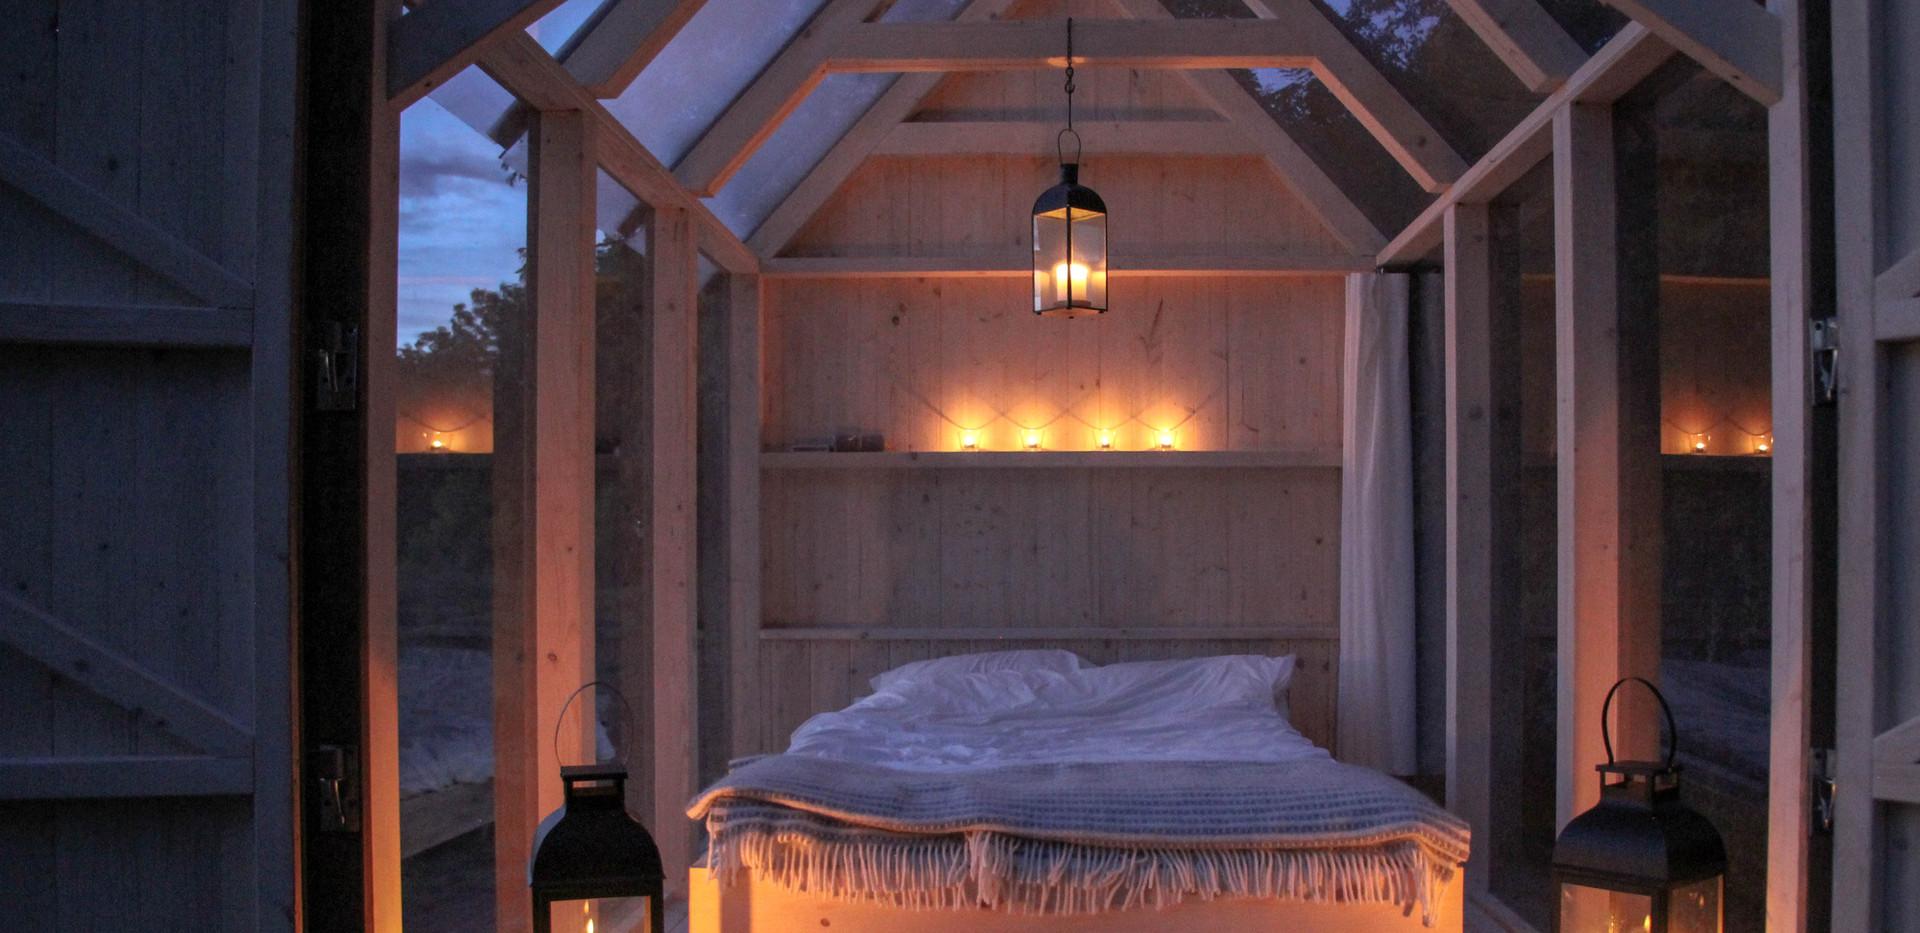 72h Cabin Interior at night.jpg